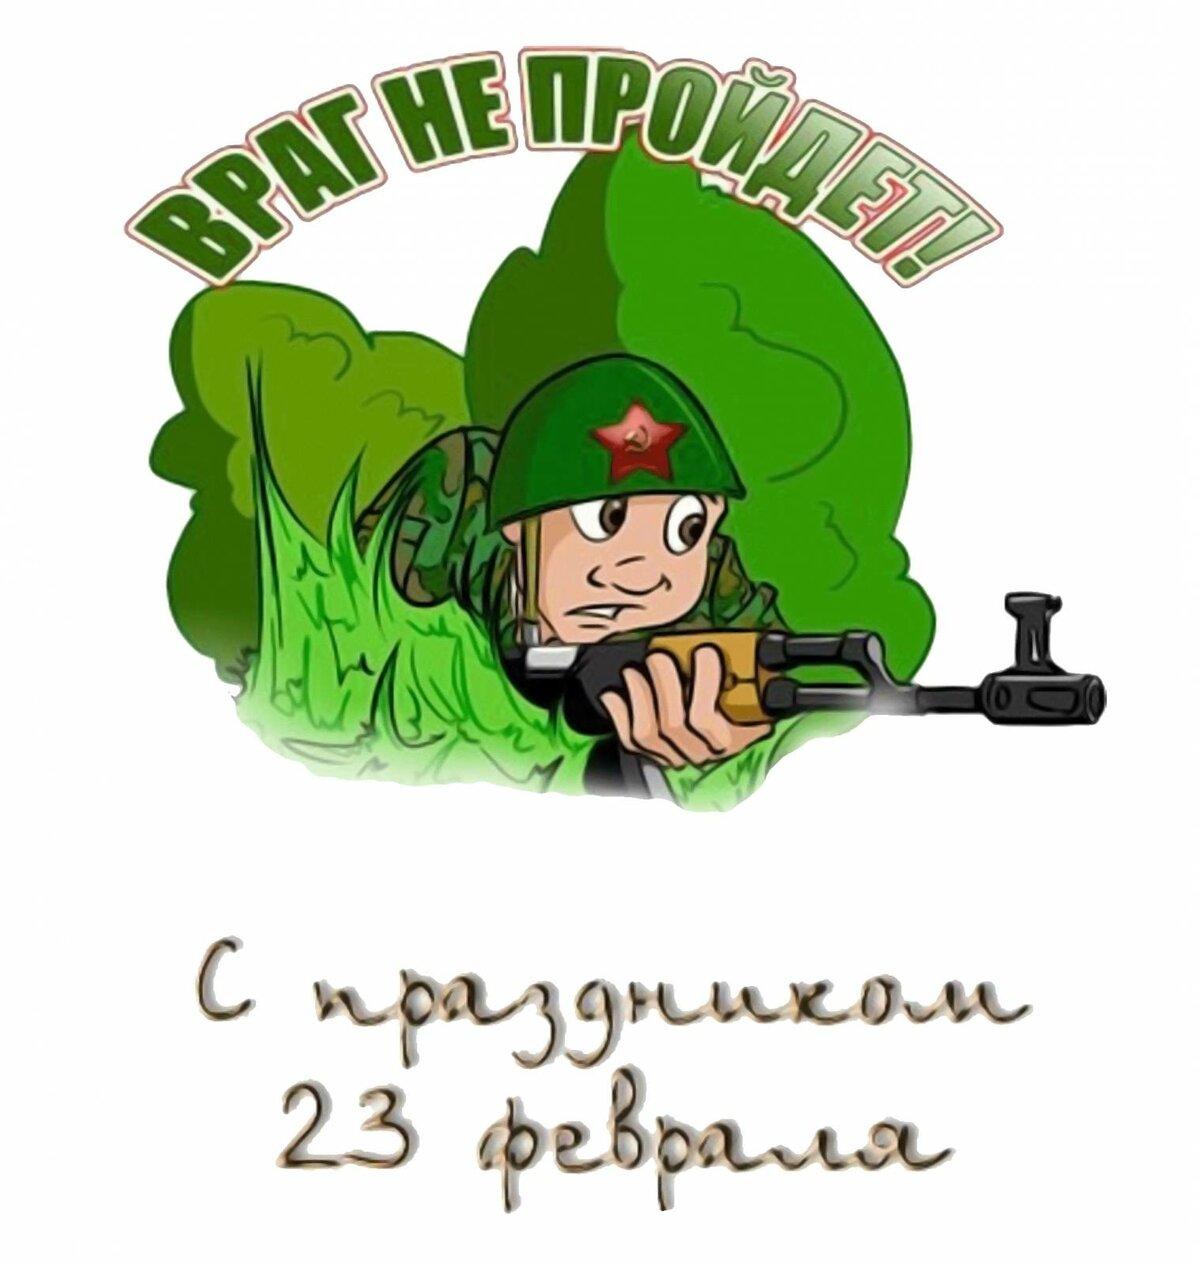 Военных, 23 февраля разведка открытки